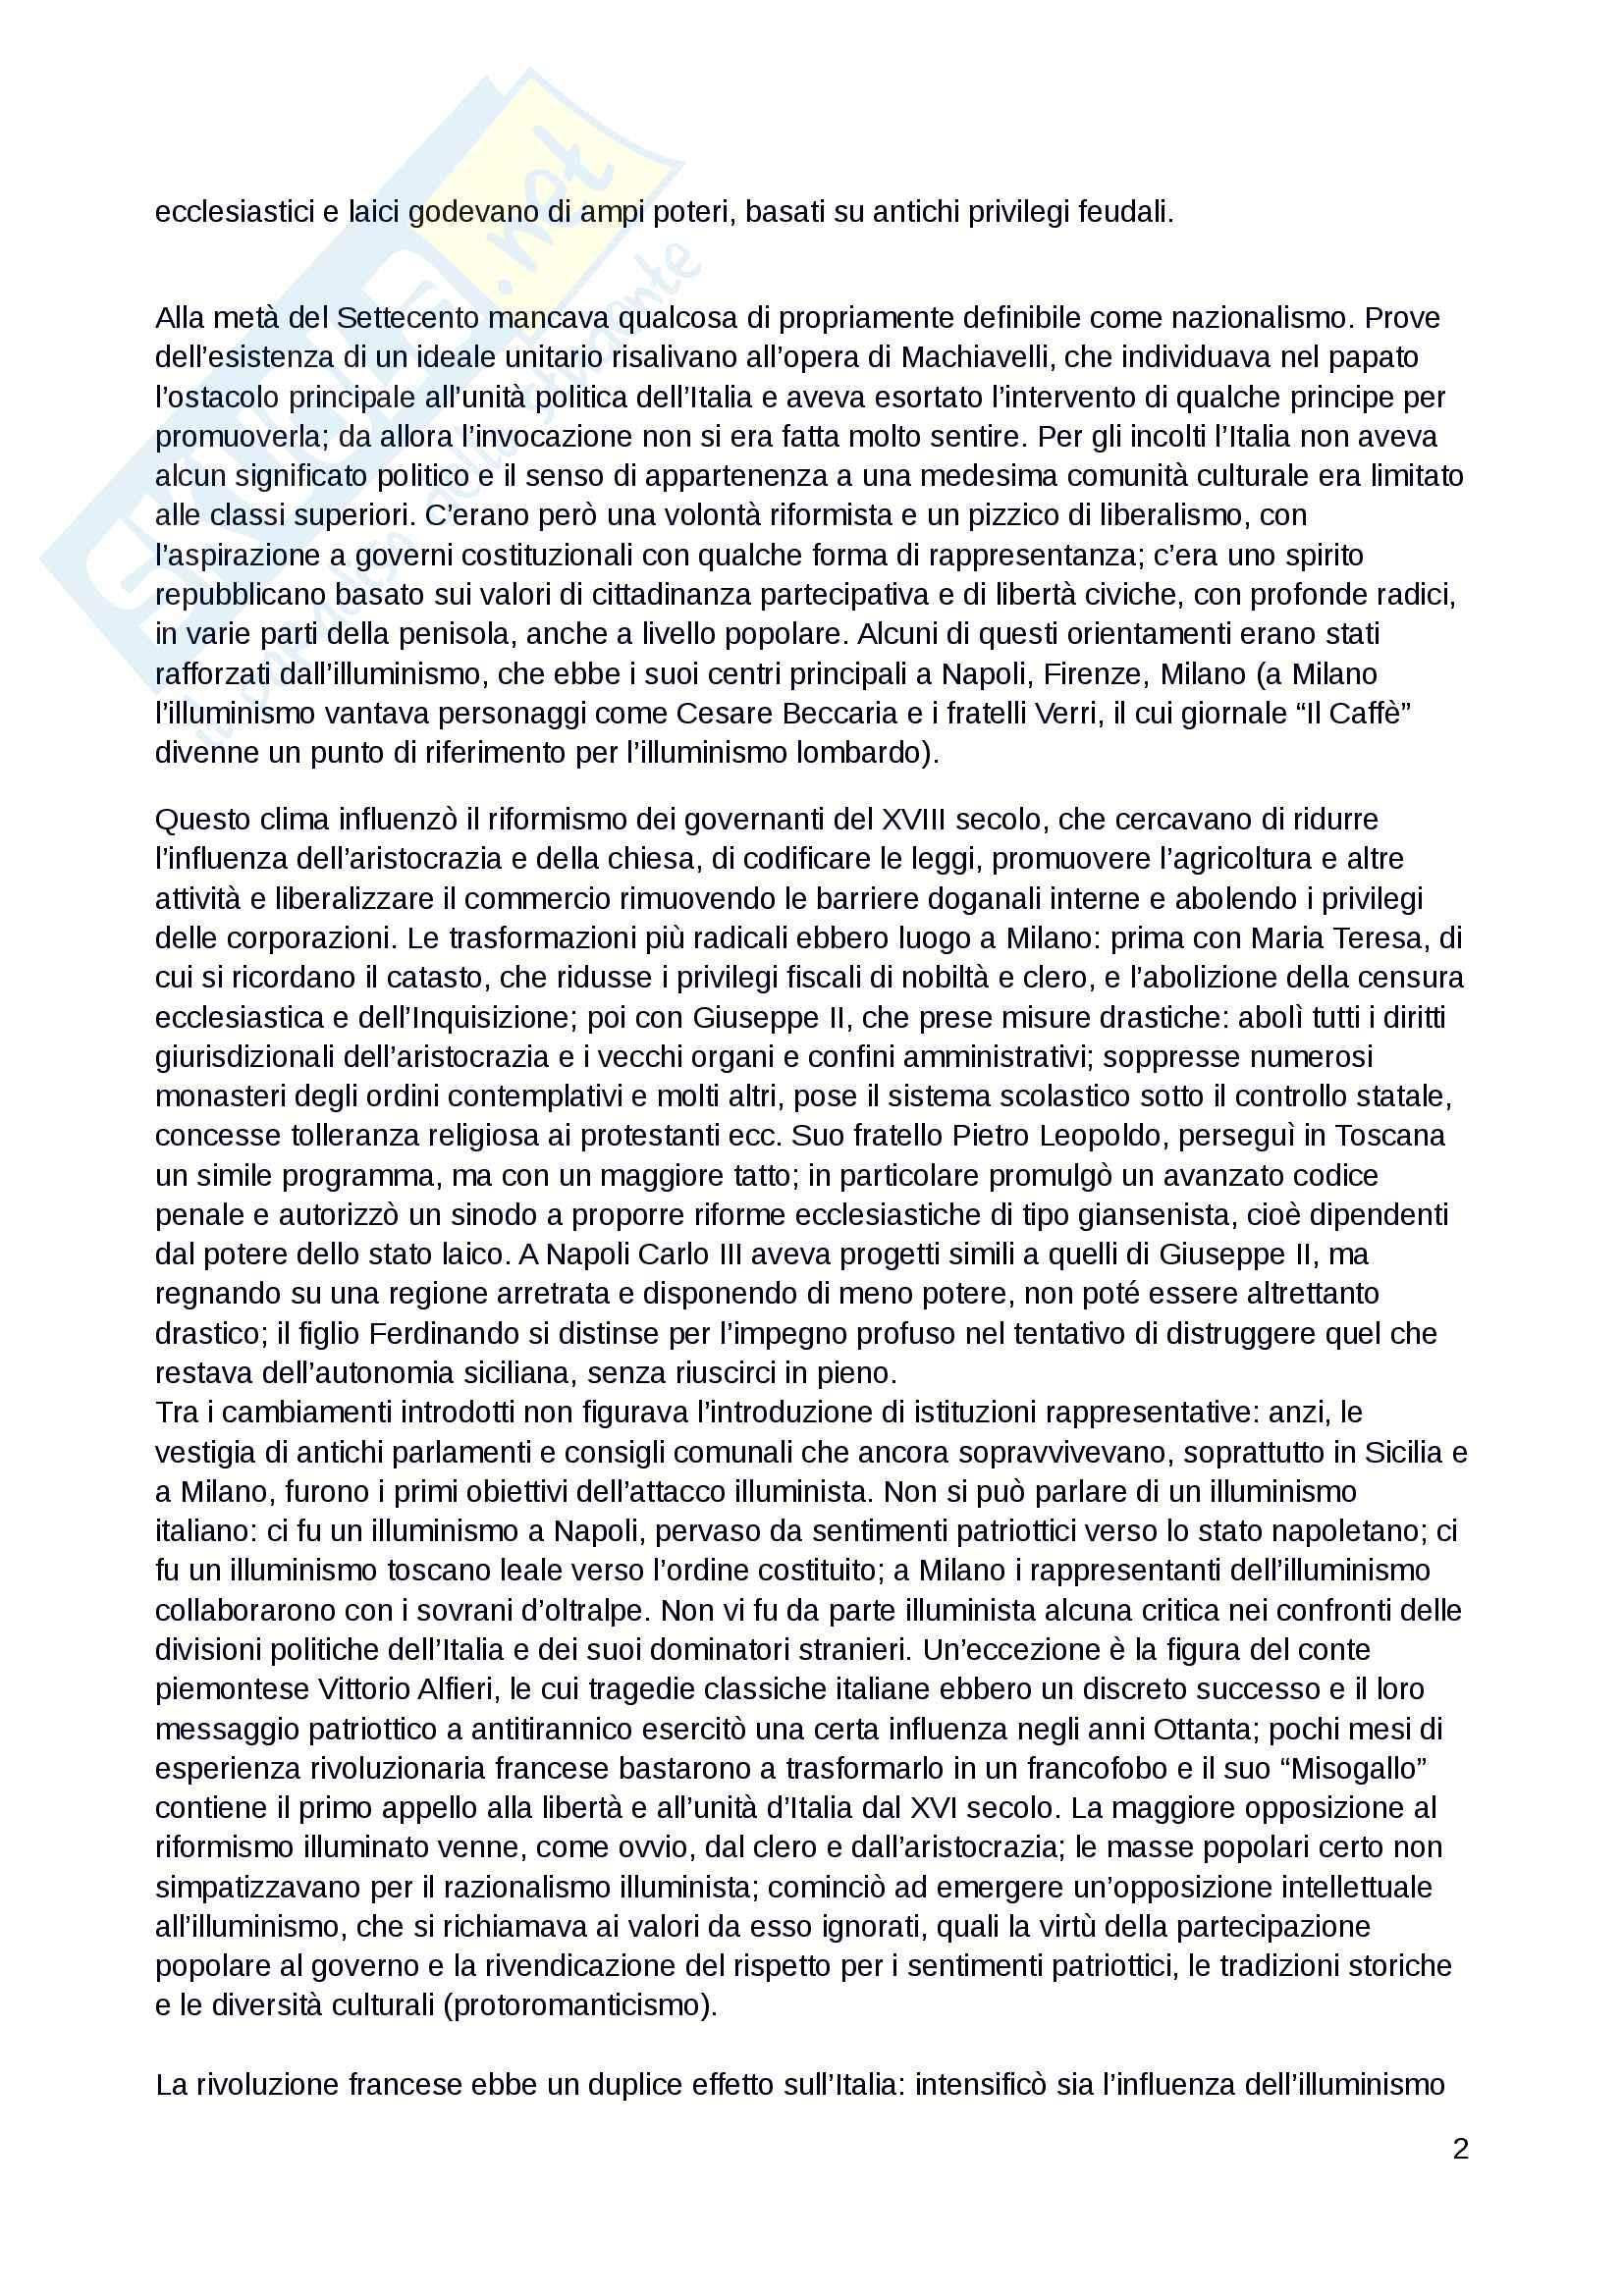 """Riassunto esame dell'esame di Storia del Risorgimento, docente Falco, libro consigliato: """"Il Risorgimento e l'unificazione dell'Italia"""", Beales, Biagini Pag. 2"""